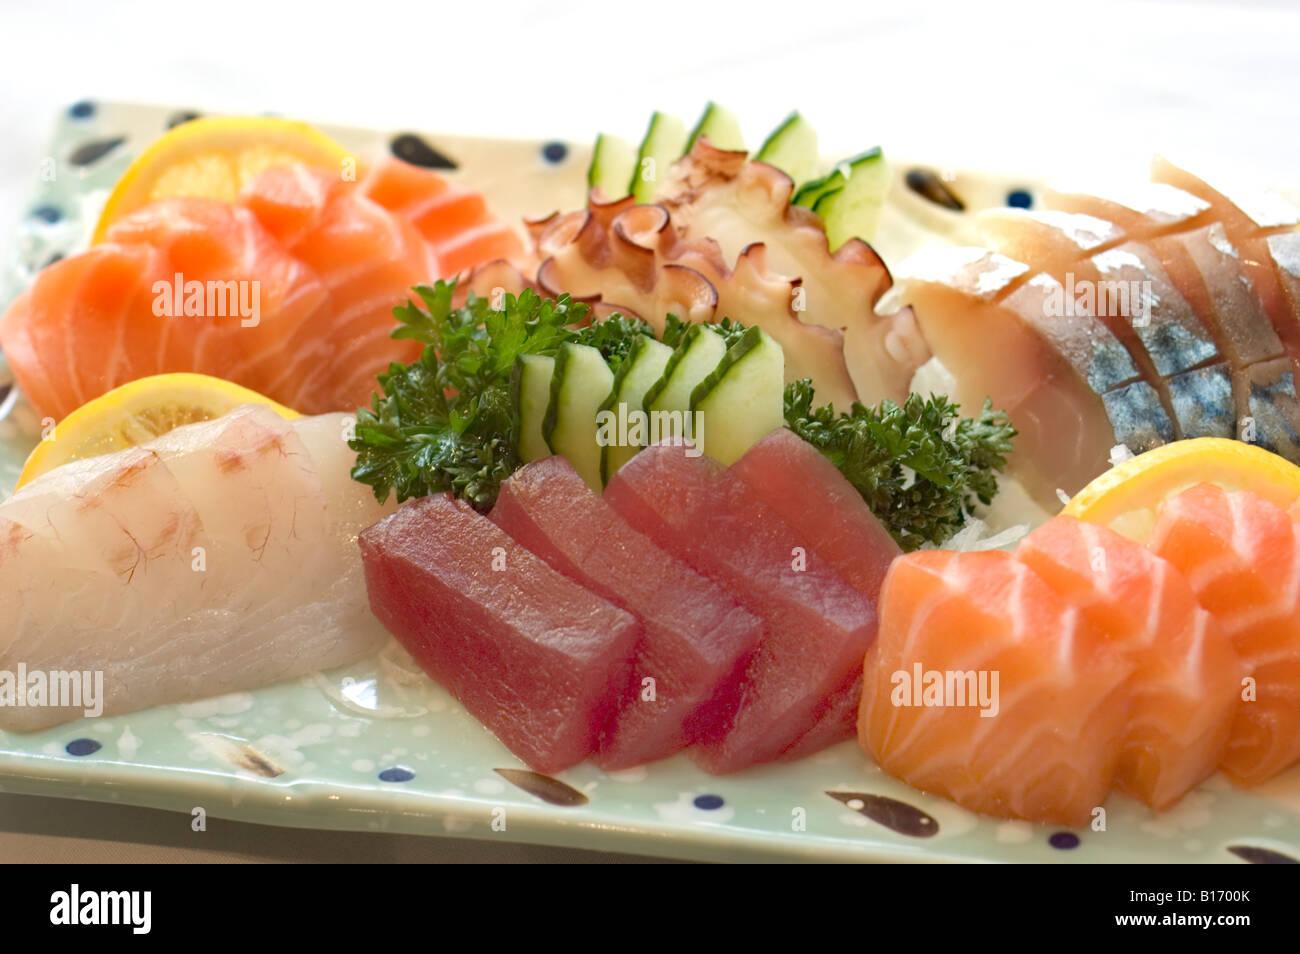 Il Cibo Giapponese Piatto Di Sashimi Affettato Pesce Crudo Tonno